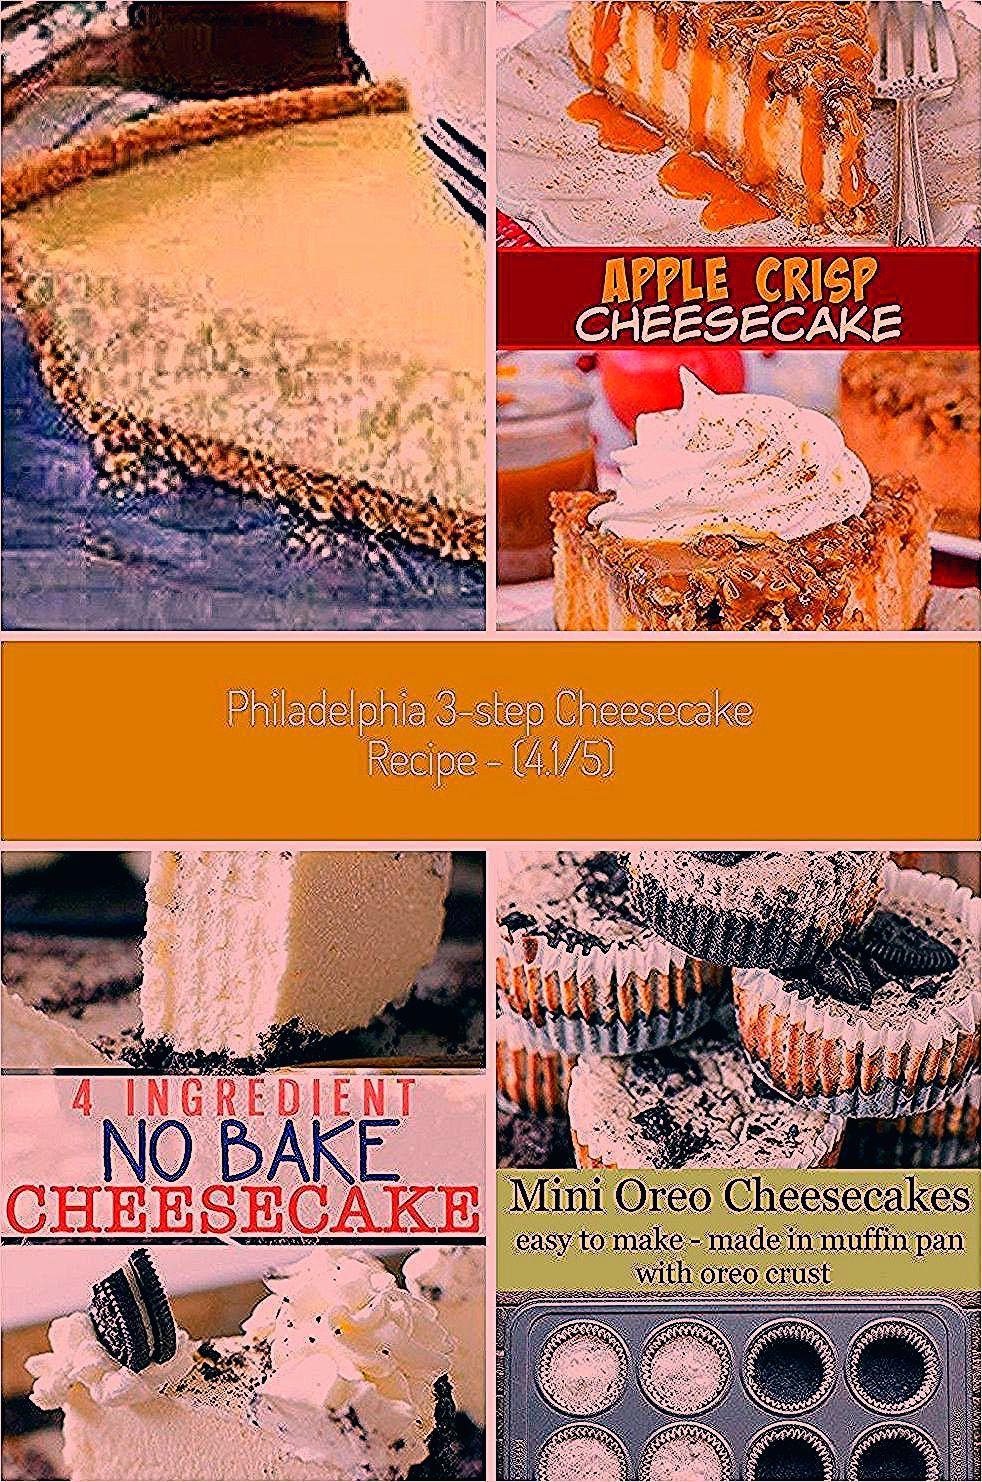 Philadelphia 3 Step Cheesecake @keyingredient recipes easy Philadelphia 3-Step Cheesecake Recipe -